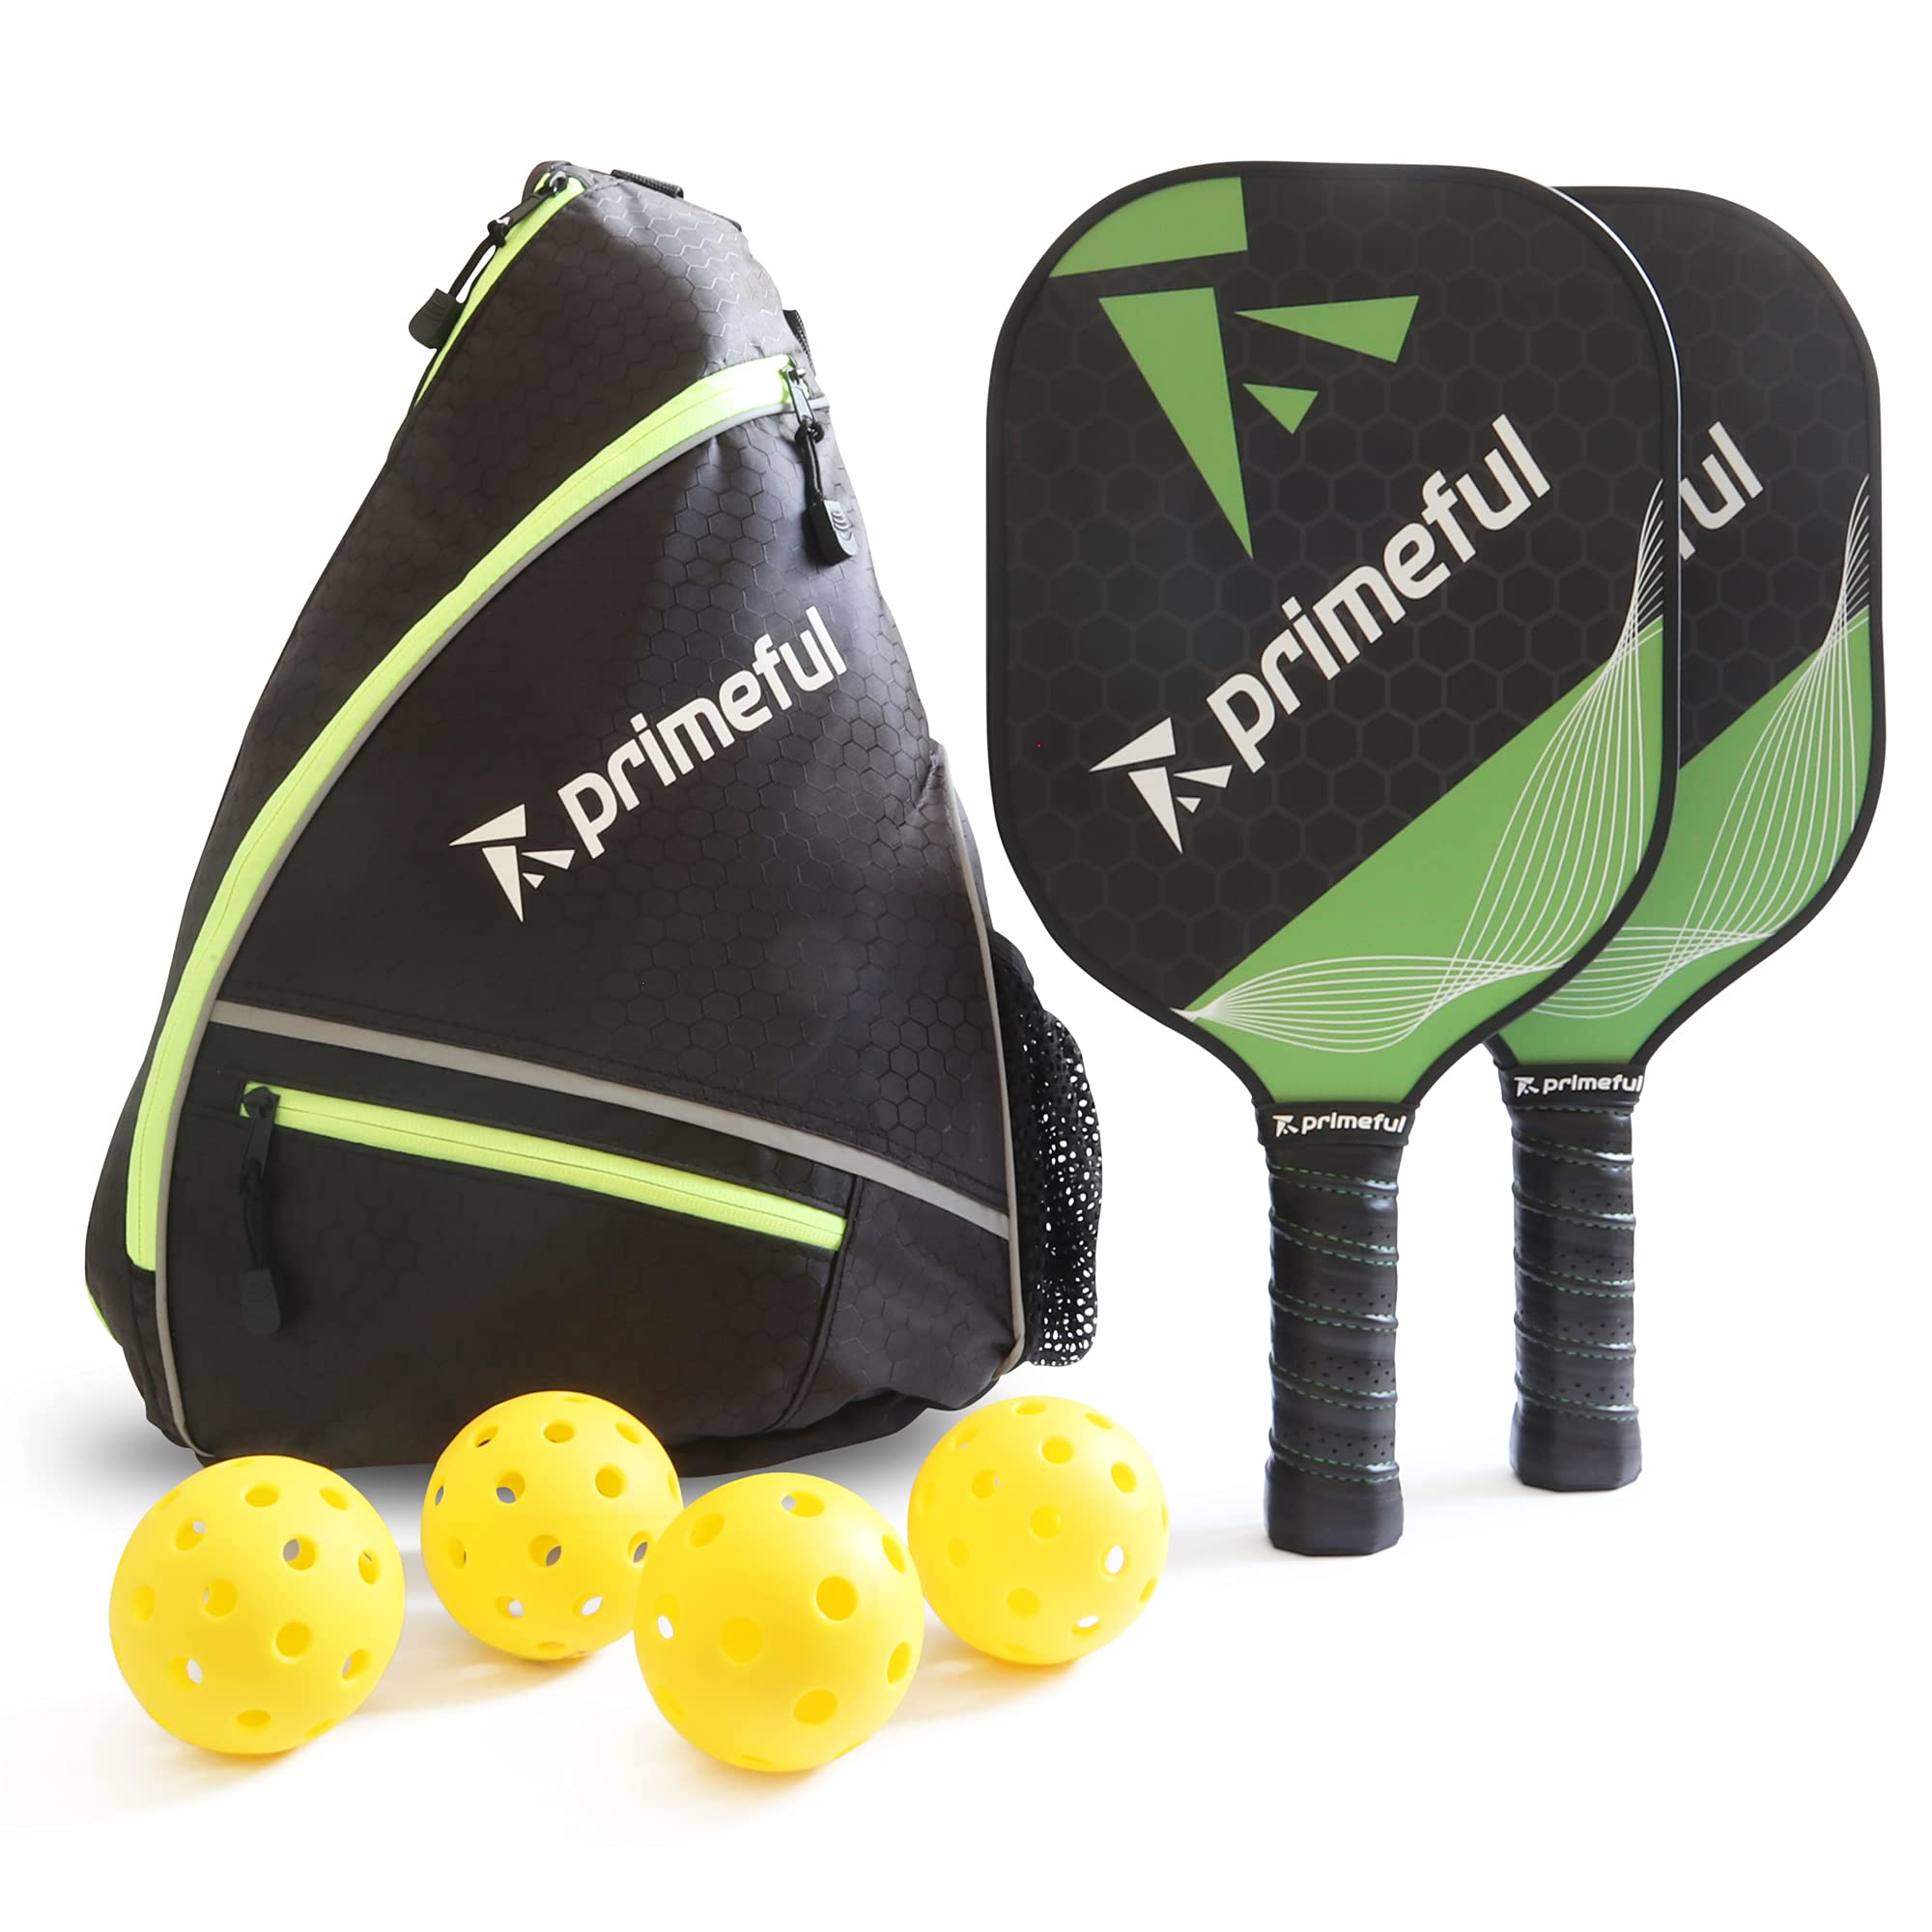 Primeful Pickleball Paddles Set of 2 - Pickleball Paddle Set